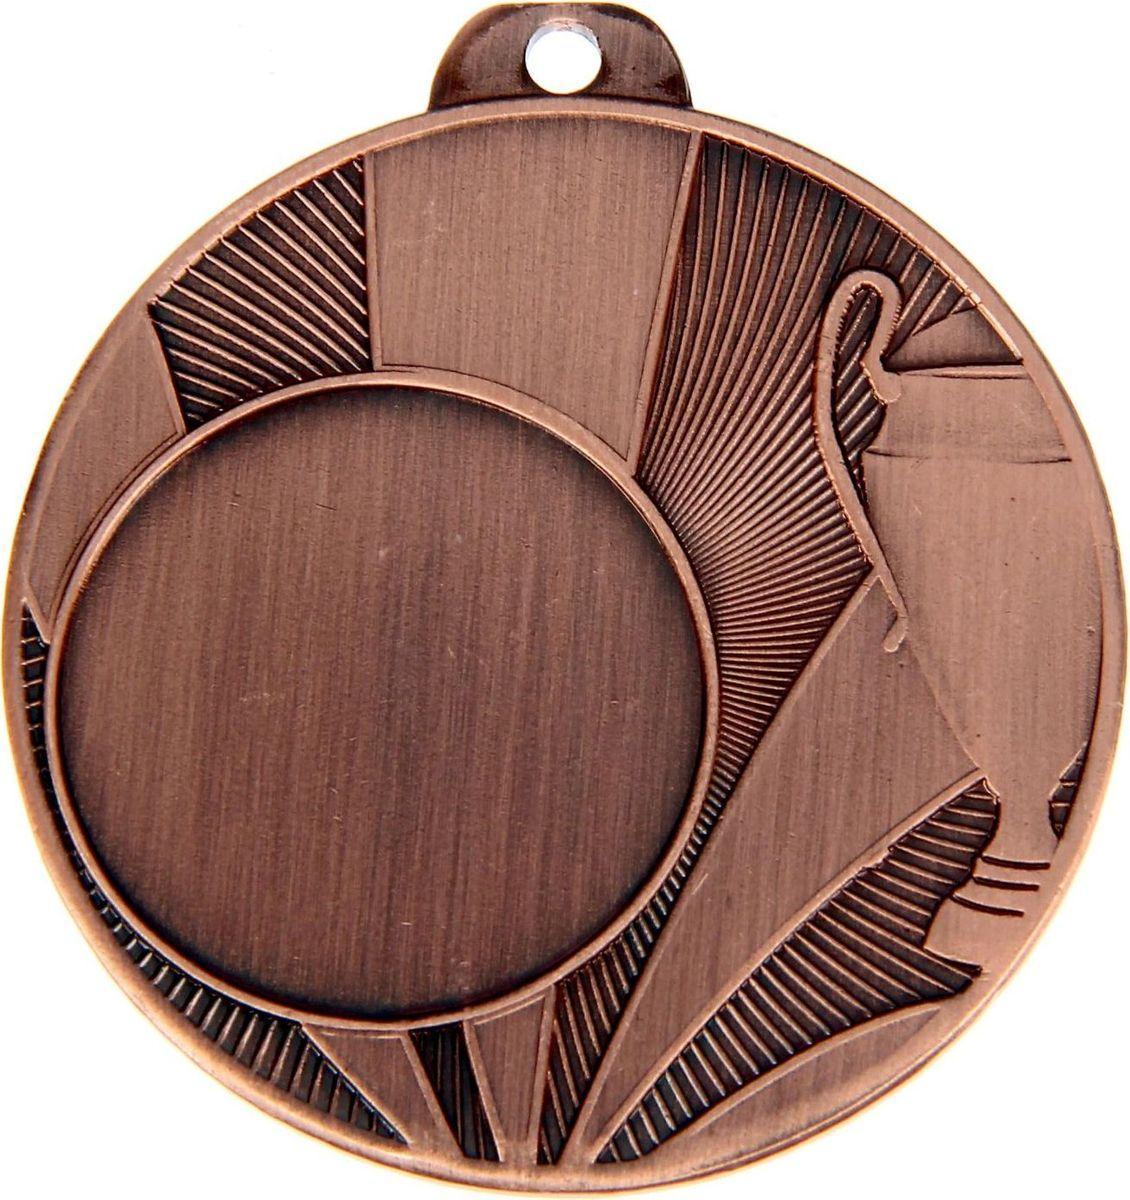 Медаль сувенирная с местом для гравировки, цвет: бронзовый, диаметр 4,5 см. 0361253538Медаль — знак отличия, которым награждают самых достойных. Она вручается лишь тем, кто проявил настойчивость и волю к победе. Каждое достижение — это важное событие, которое должно остаться в памяти на долгие годы. Любое спортивное состязание, профессиональное или среди любителей, любое корпоративное мероприятие — отличный повод для того, чтобы отметить лучших из лучших. Характеристики:Диаметр медали: 4,5 см Диаметр вкладыша (лицо): 2,5 см Диаметр вкладыша (оборот): 4 см. Пусть любая победа будет отмечена соответствующей наградой!